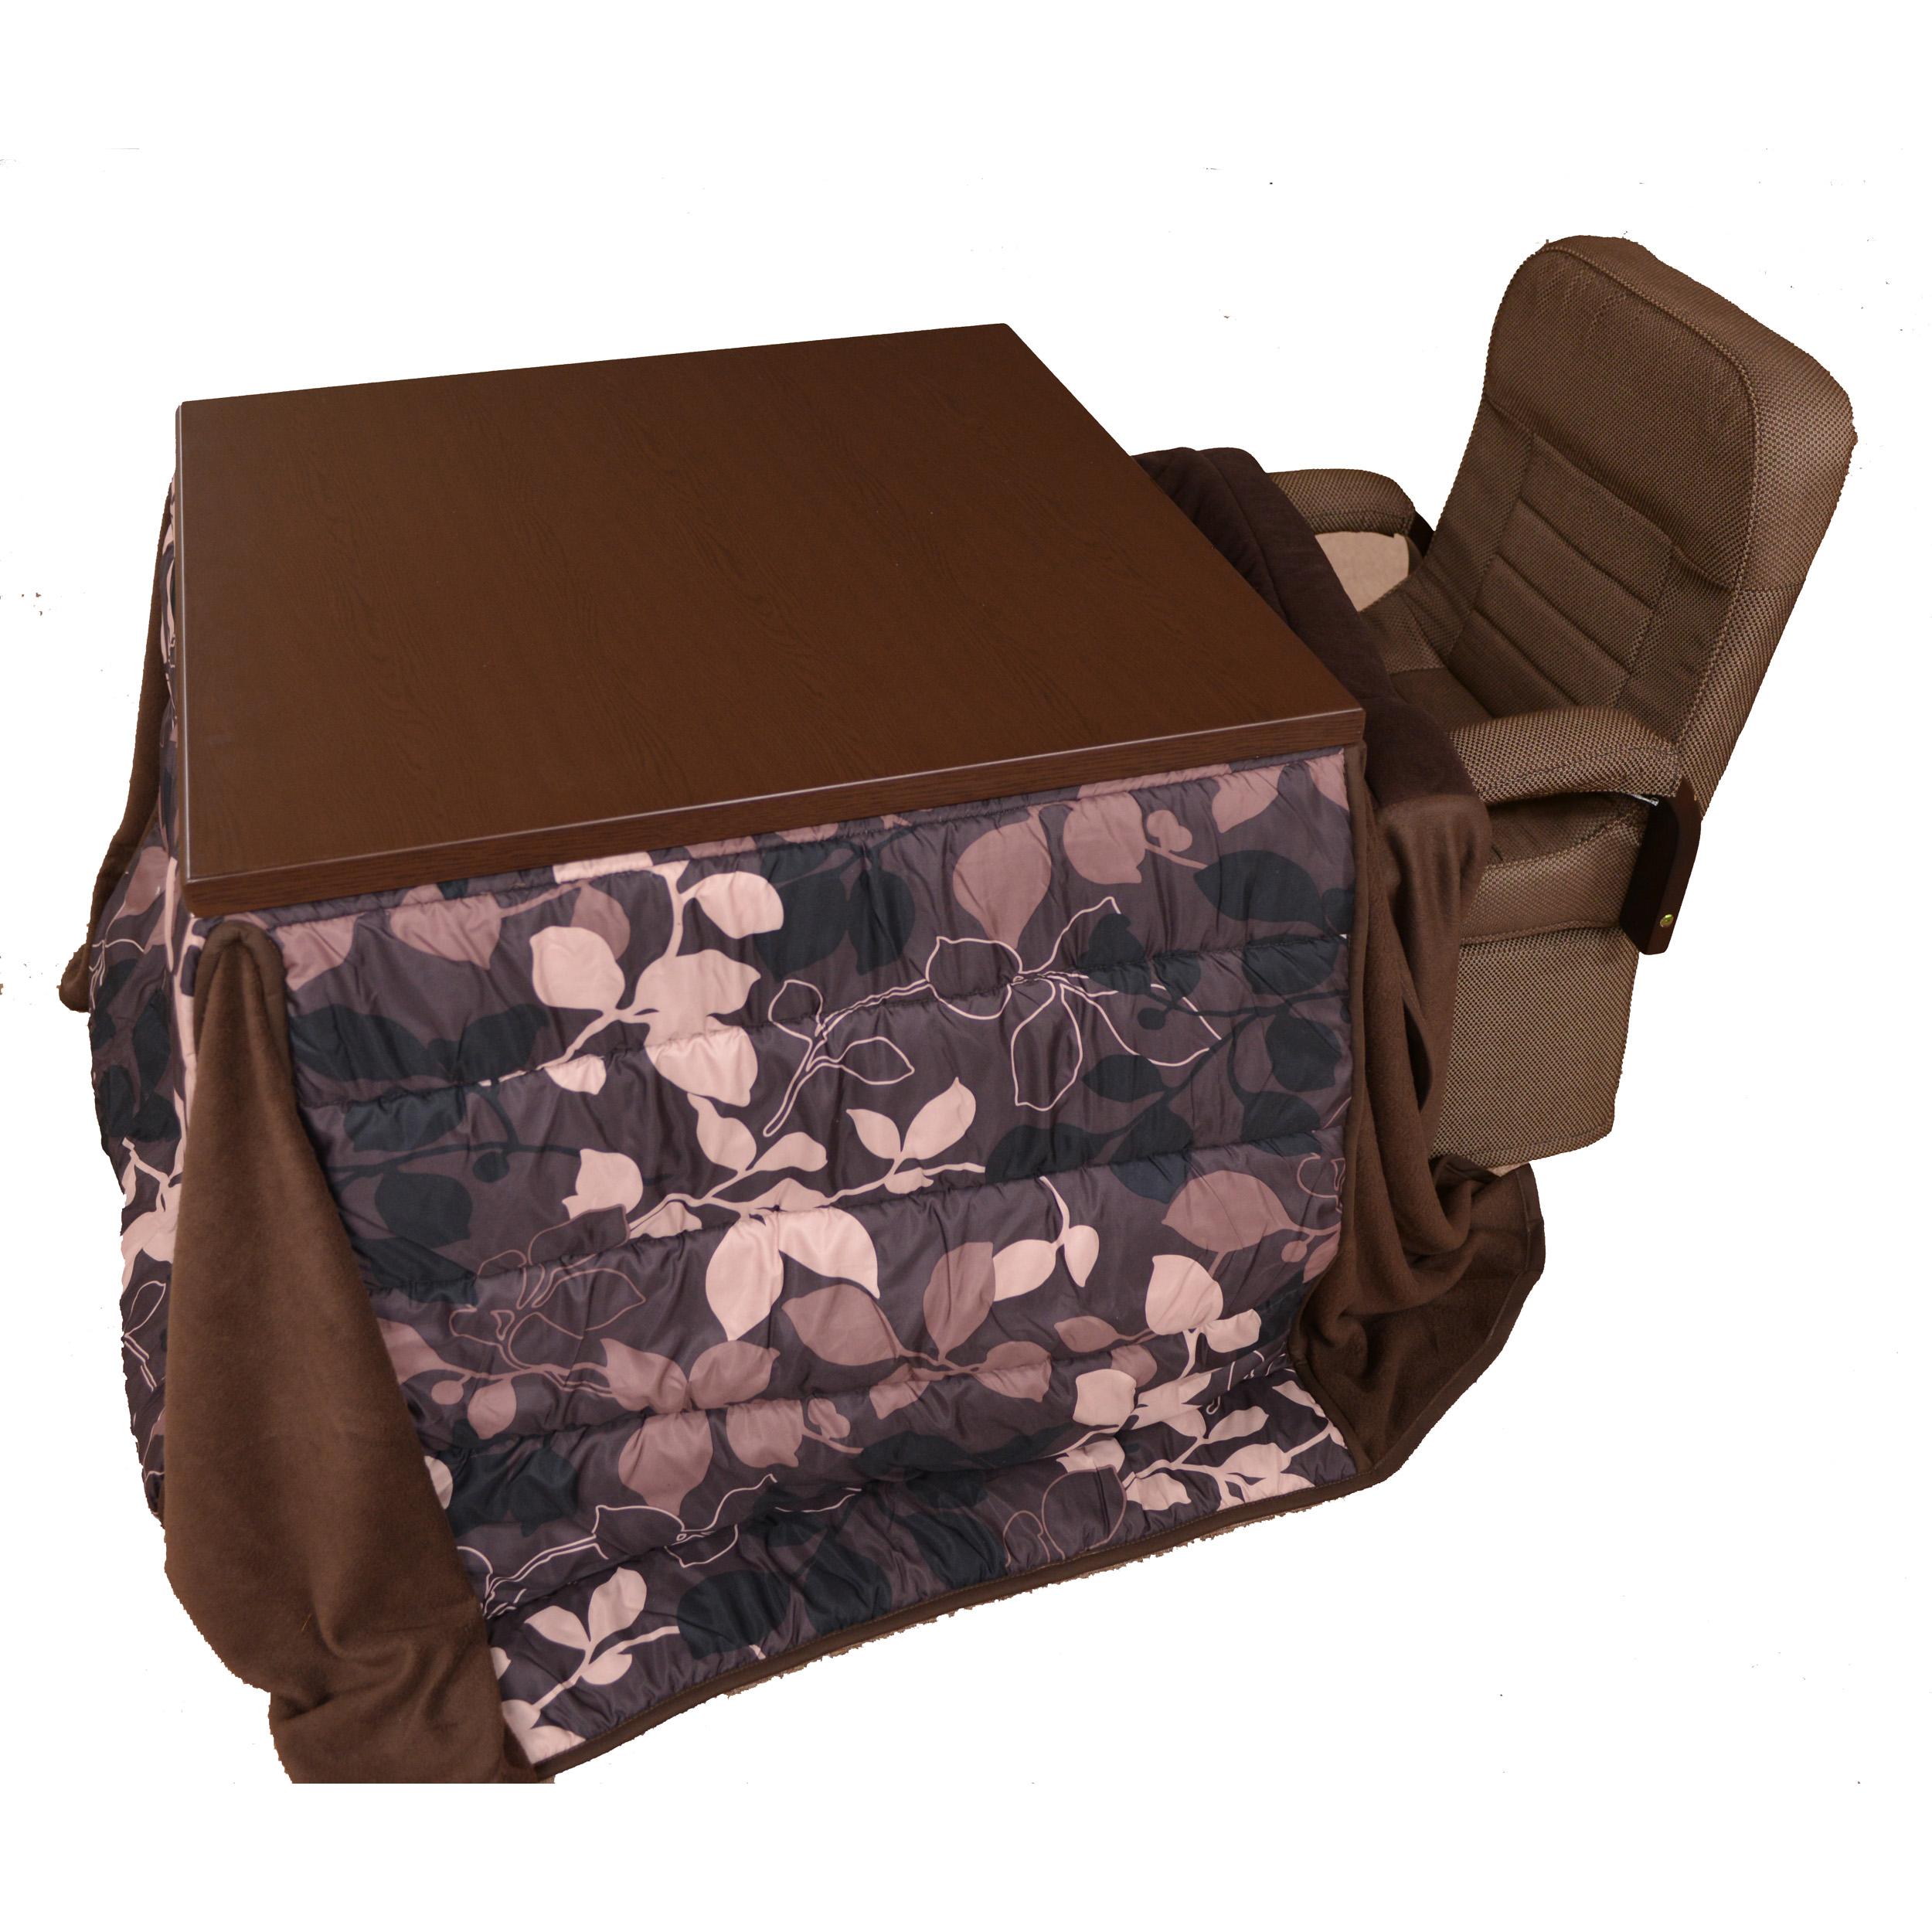 ダイニングこたつ2人用 4点セット(小柄な人・お年より向けの椅子を採用)回転椅子×2脚